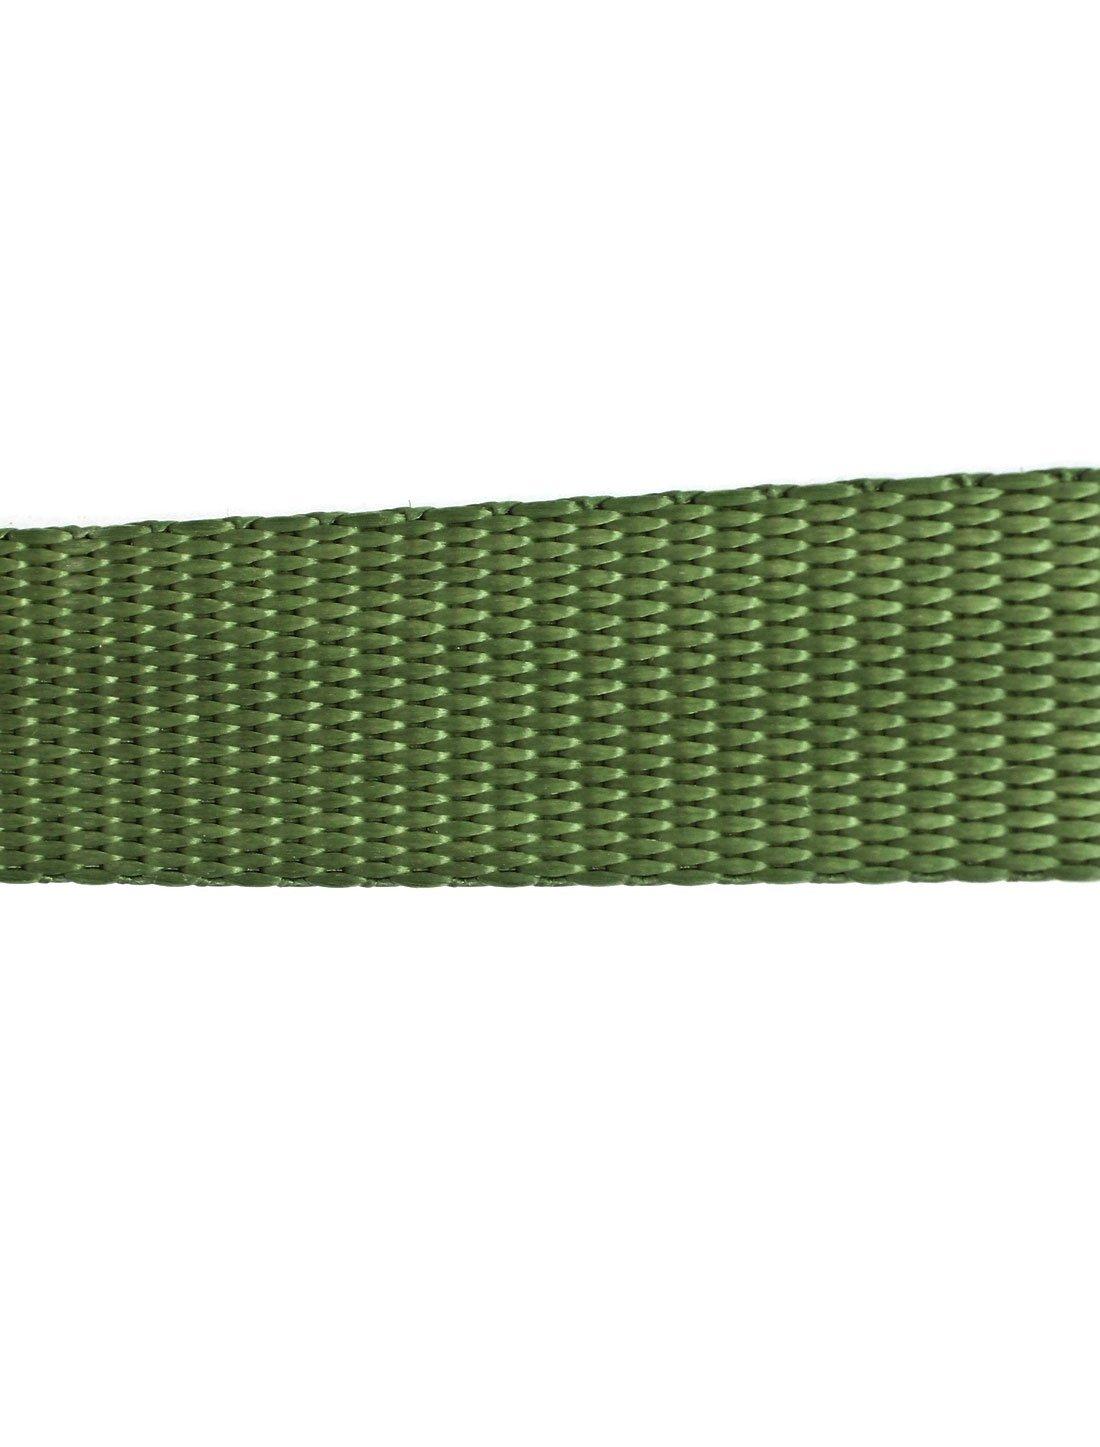 Voyage bagages en métal réglable à cliquet Sangle d'arrimage 5 M 16ft vert